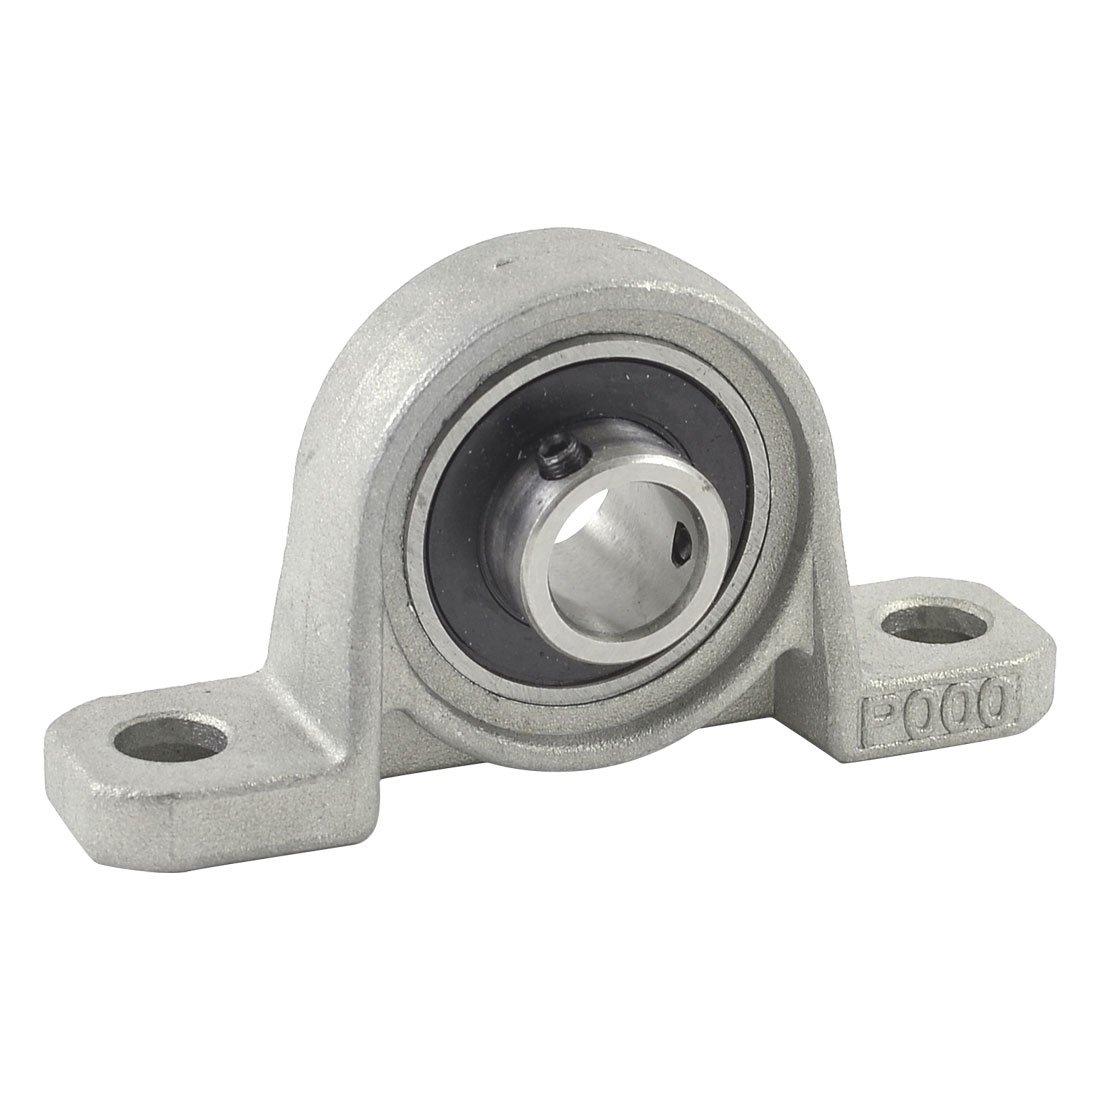 10/mm de diam/ètre int/érieur en acier inoxydable automatique Oreiller Bloc Roulement /à billes